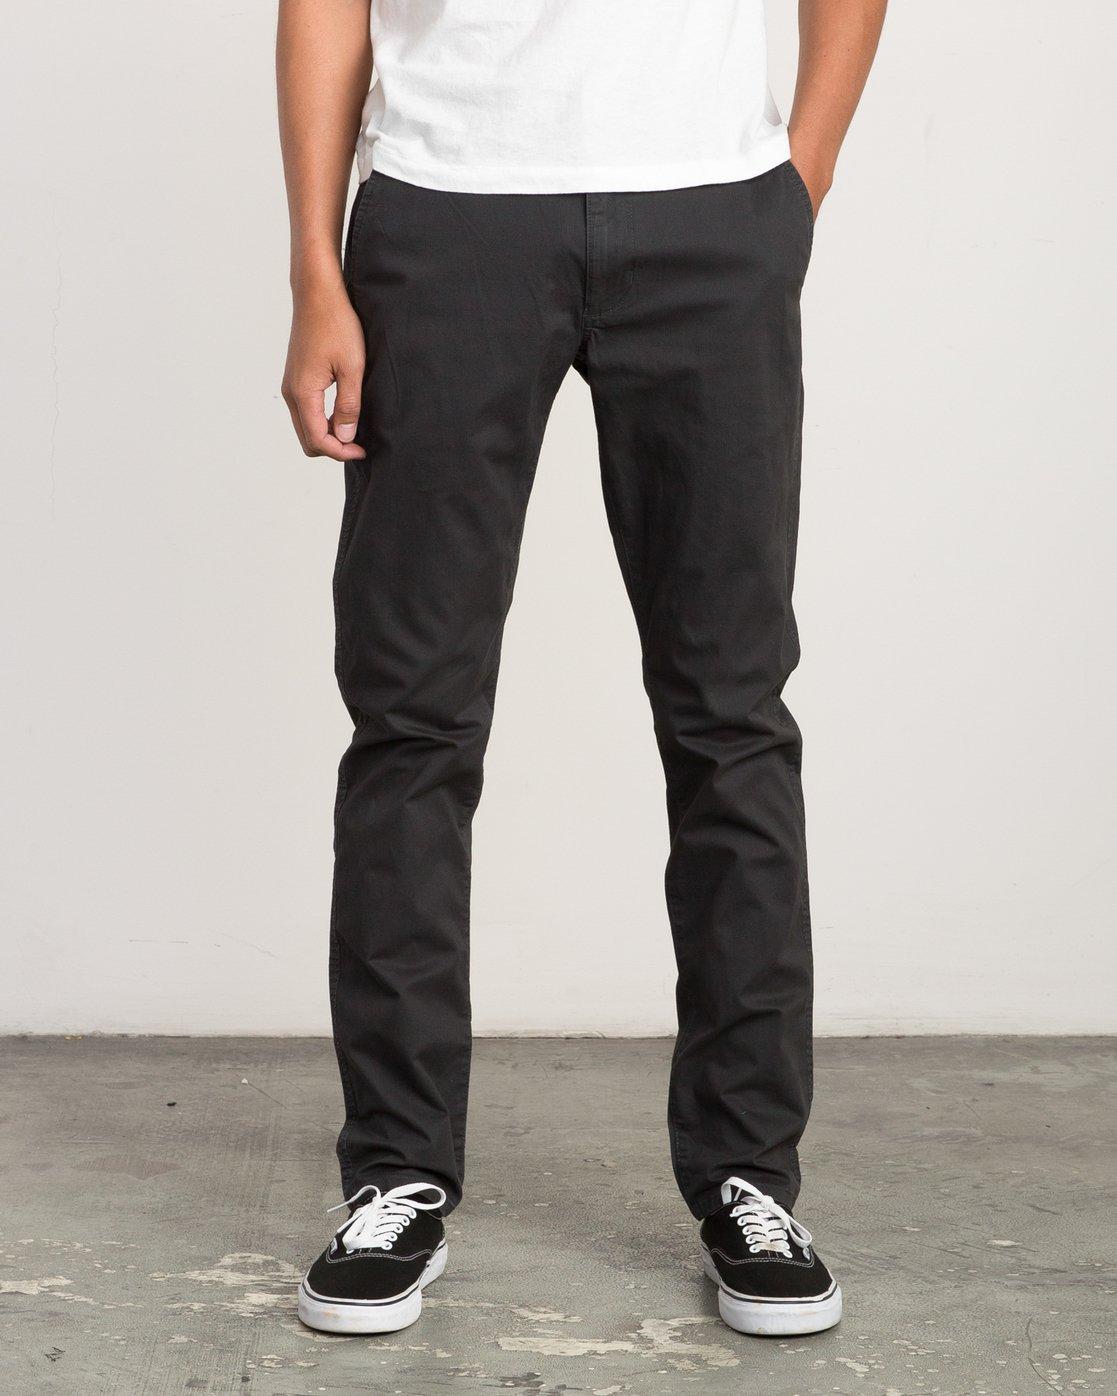 0 Daggers Slim-Straight Chino Pant Black M309QRDC RVCA